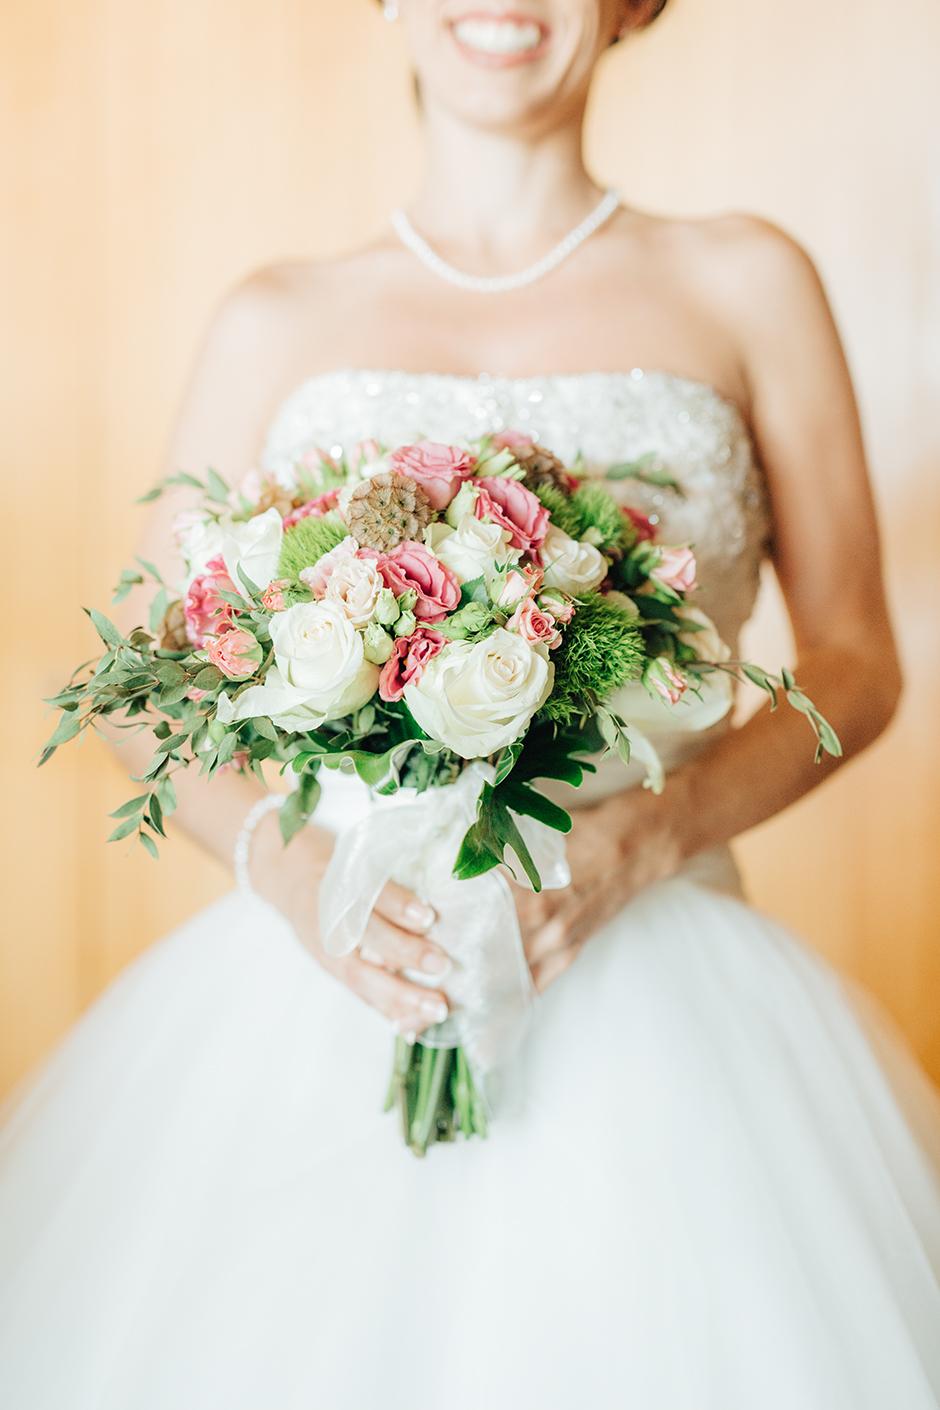 Wedding Casamento Jaime Neto Photography S+S Maio 2015_018